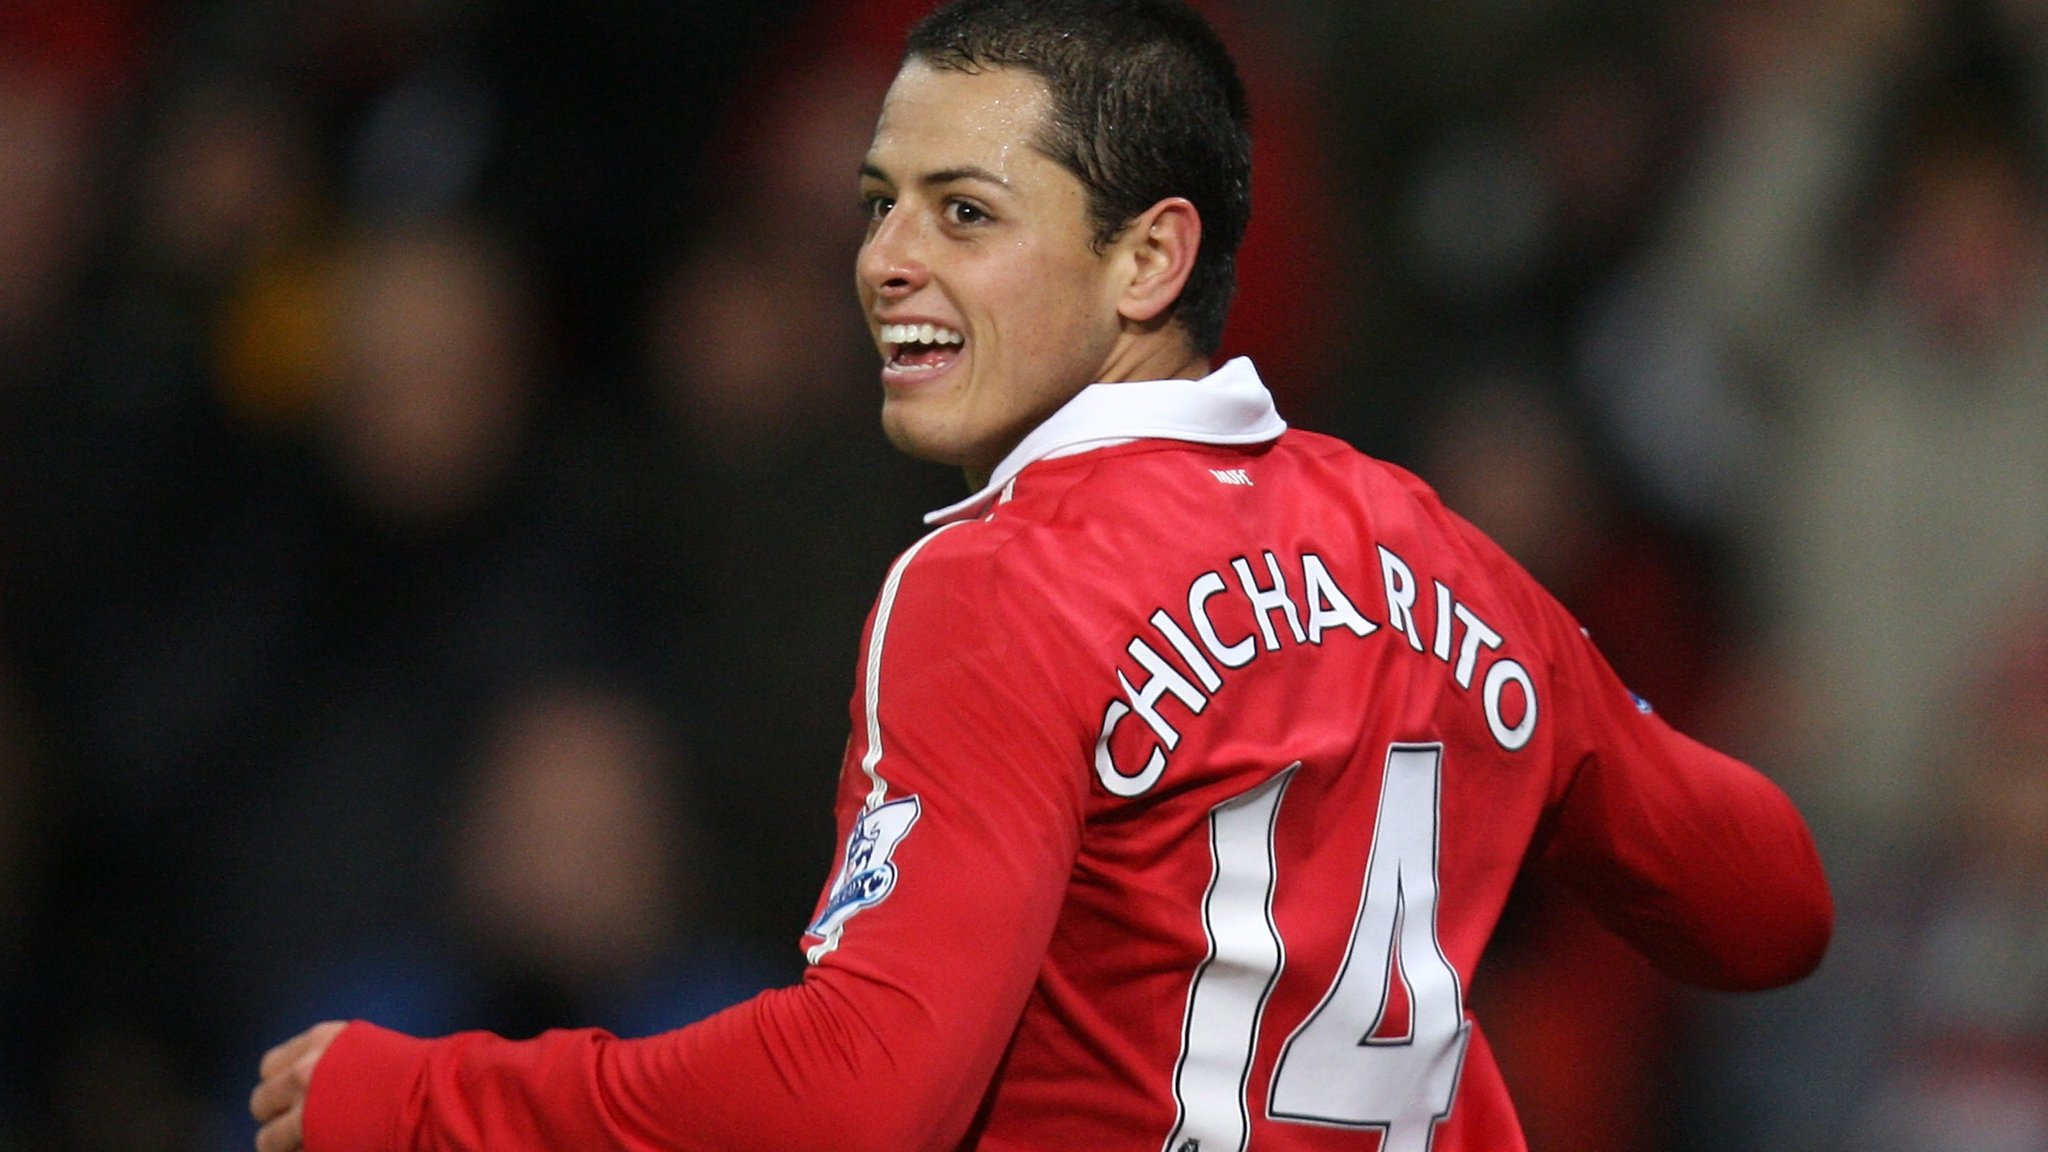 Chicharito con la camiseta del Manchester United